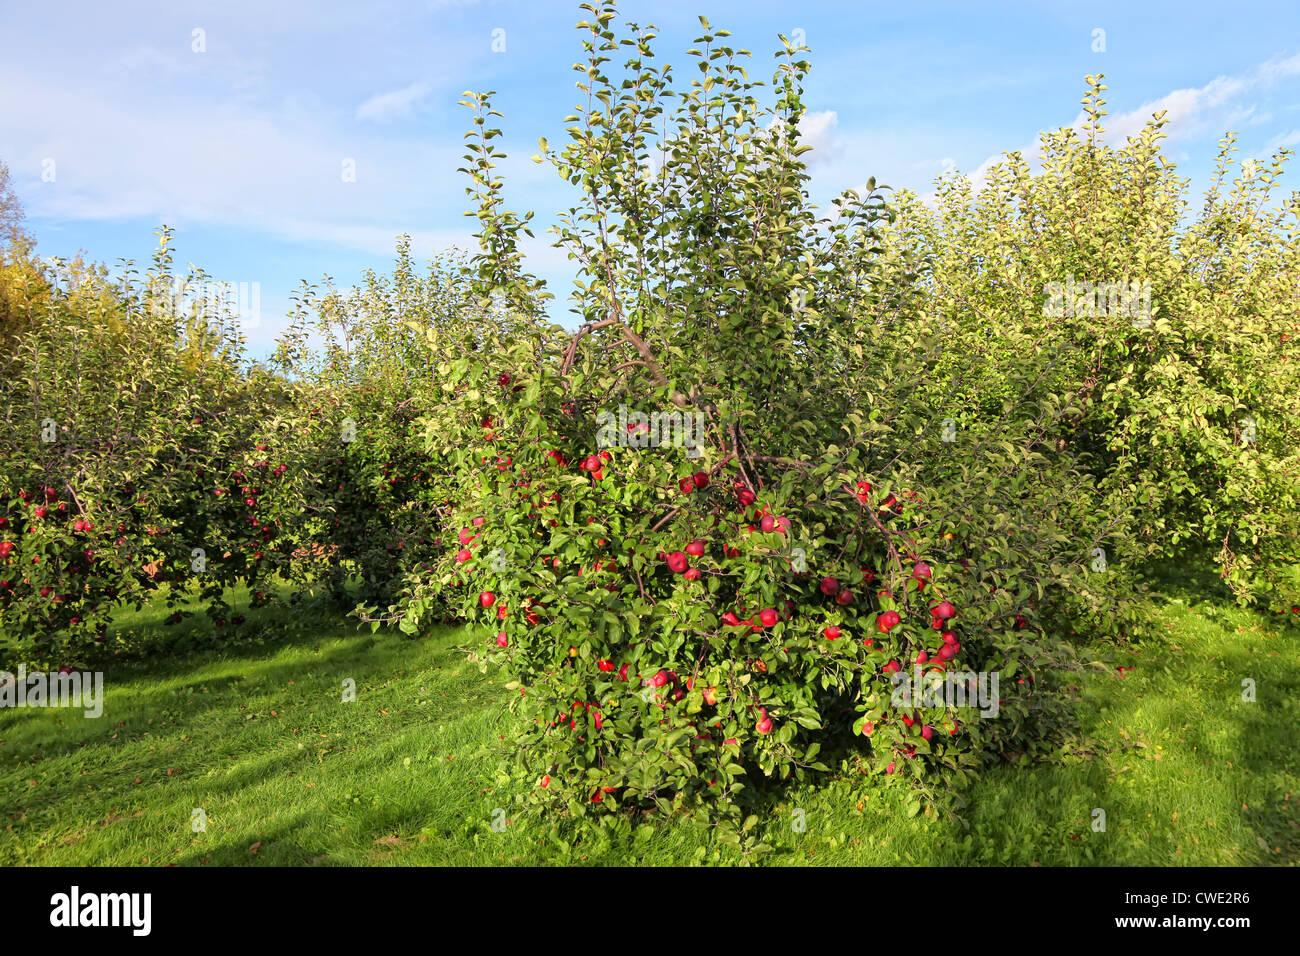 Apple commerciale Orchard con alberi caricati con le mele. Immagini Stock